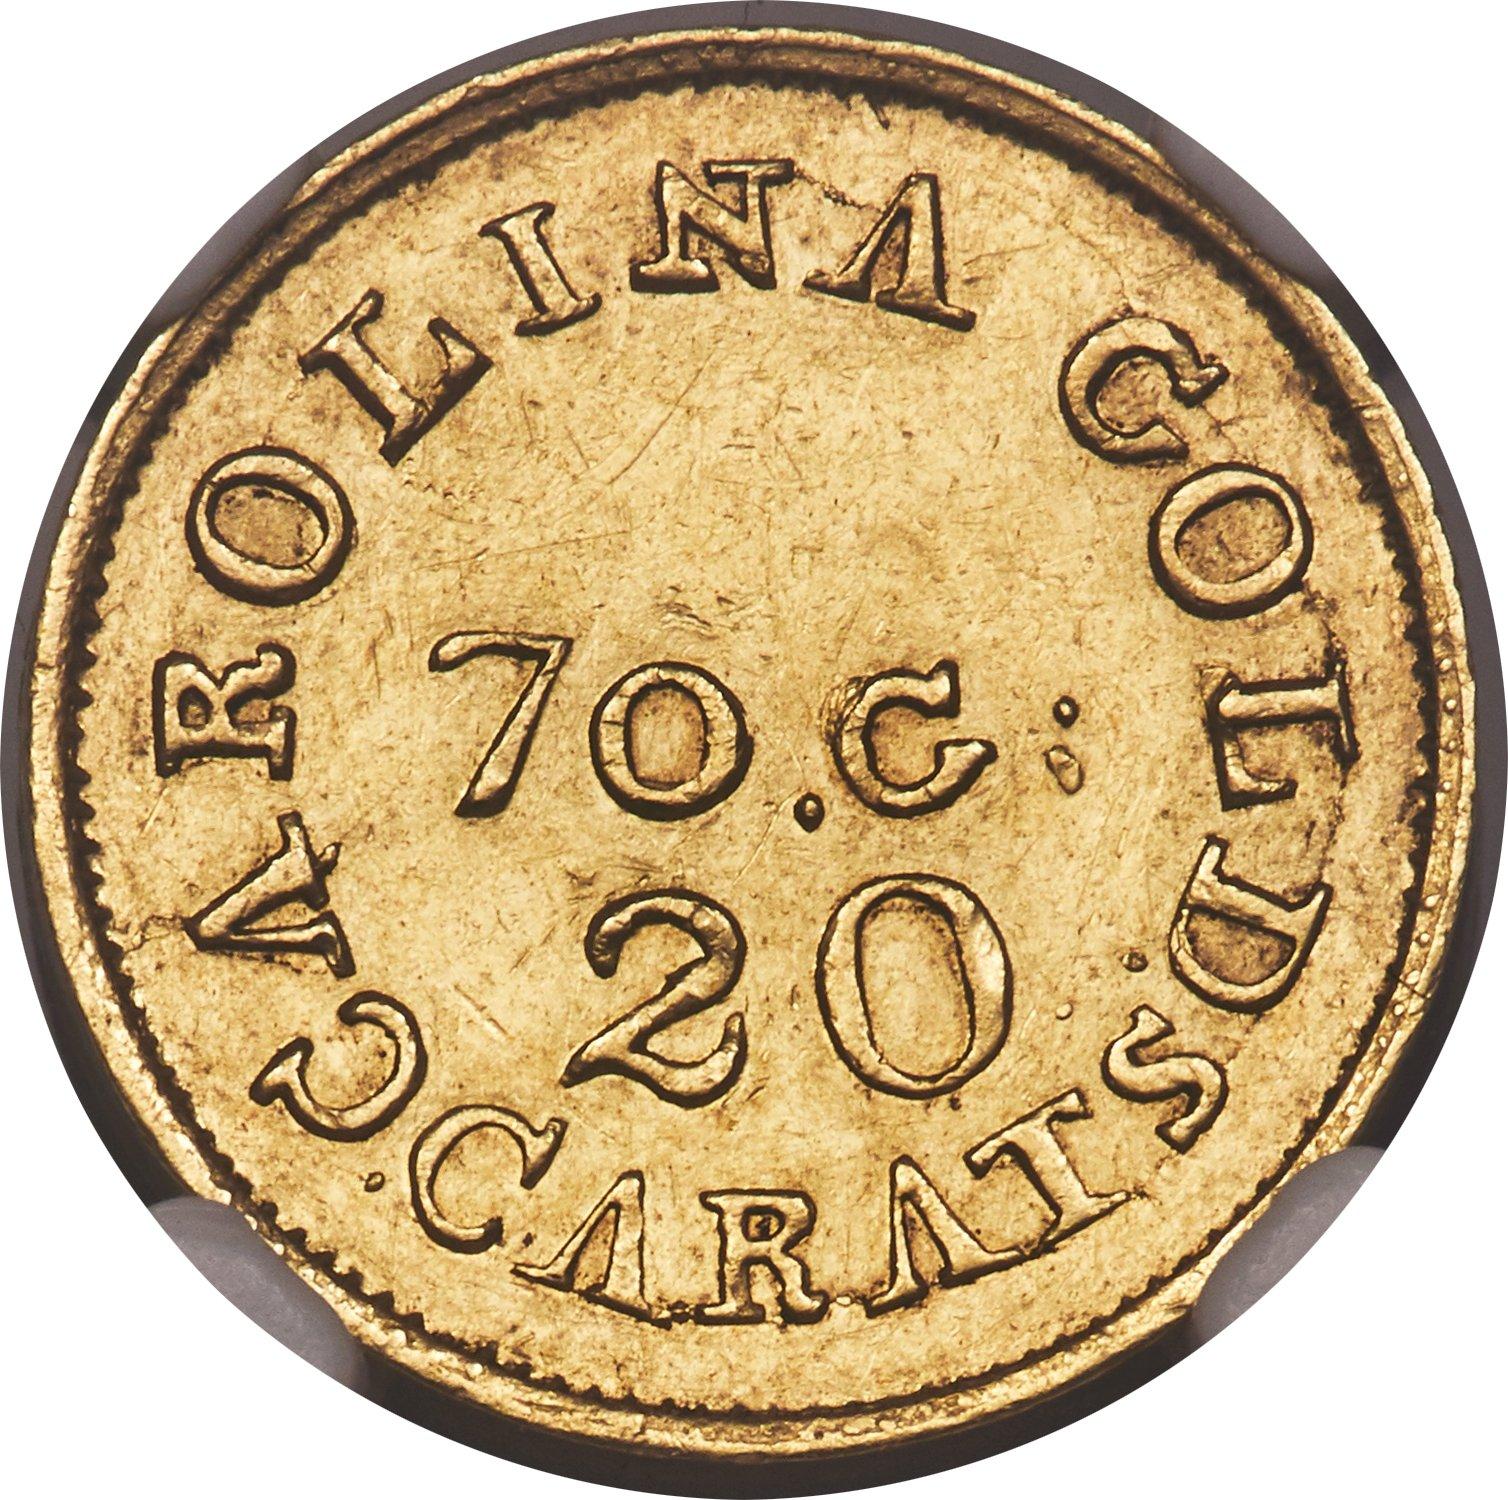 sample image for C.Becht $2 1/2 70 GR, 20C (K-13)